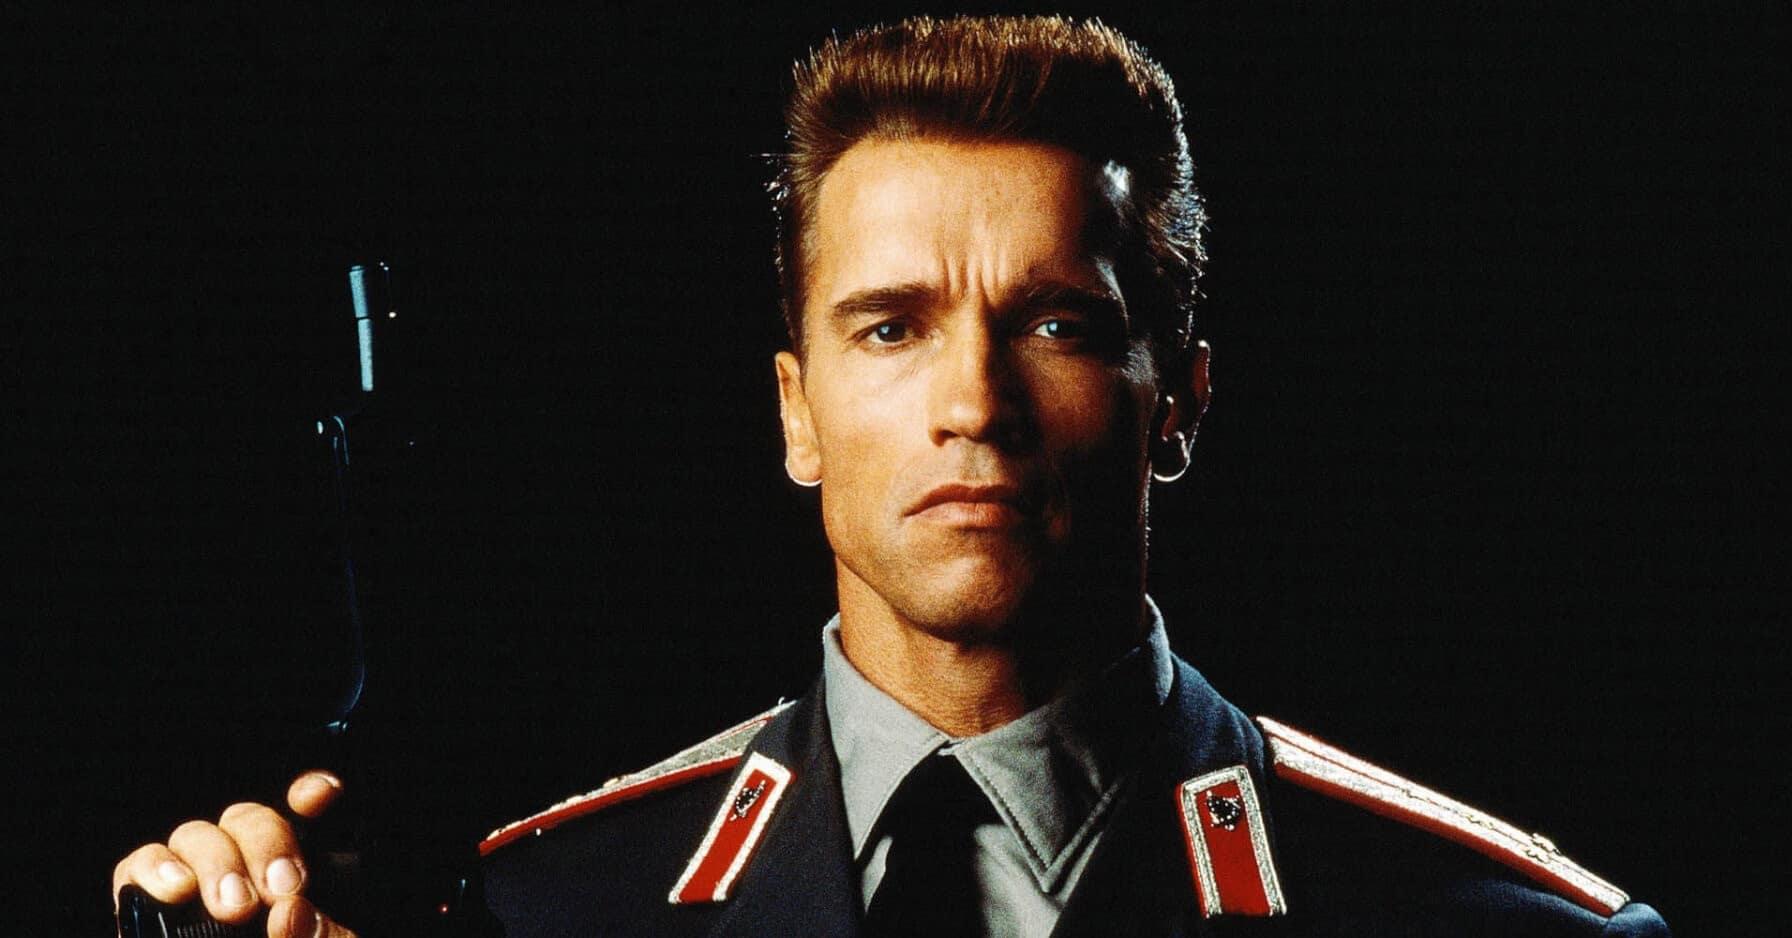 В Америке 90-х мужчины приходили к парикмахерам со словами: «мне причёску как у Терминатора!»